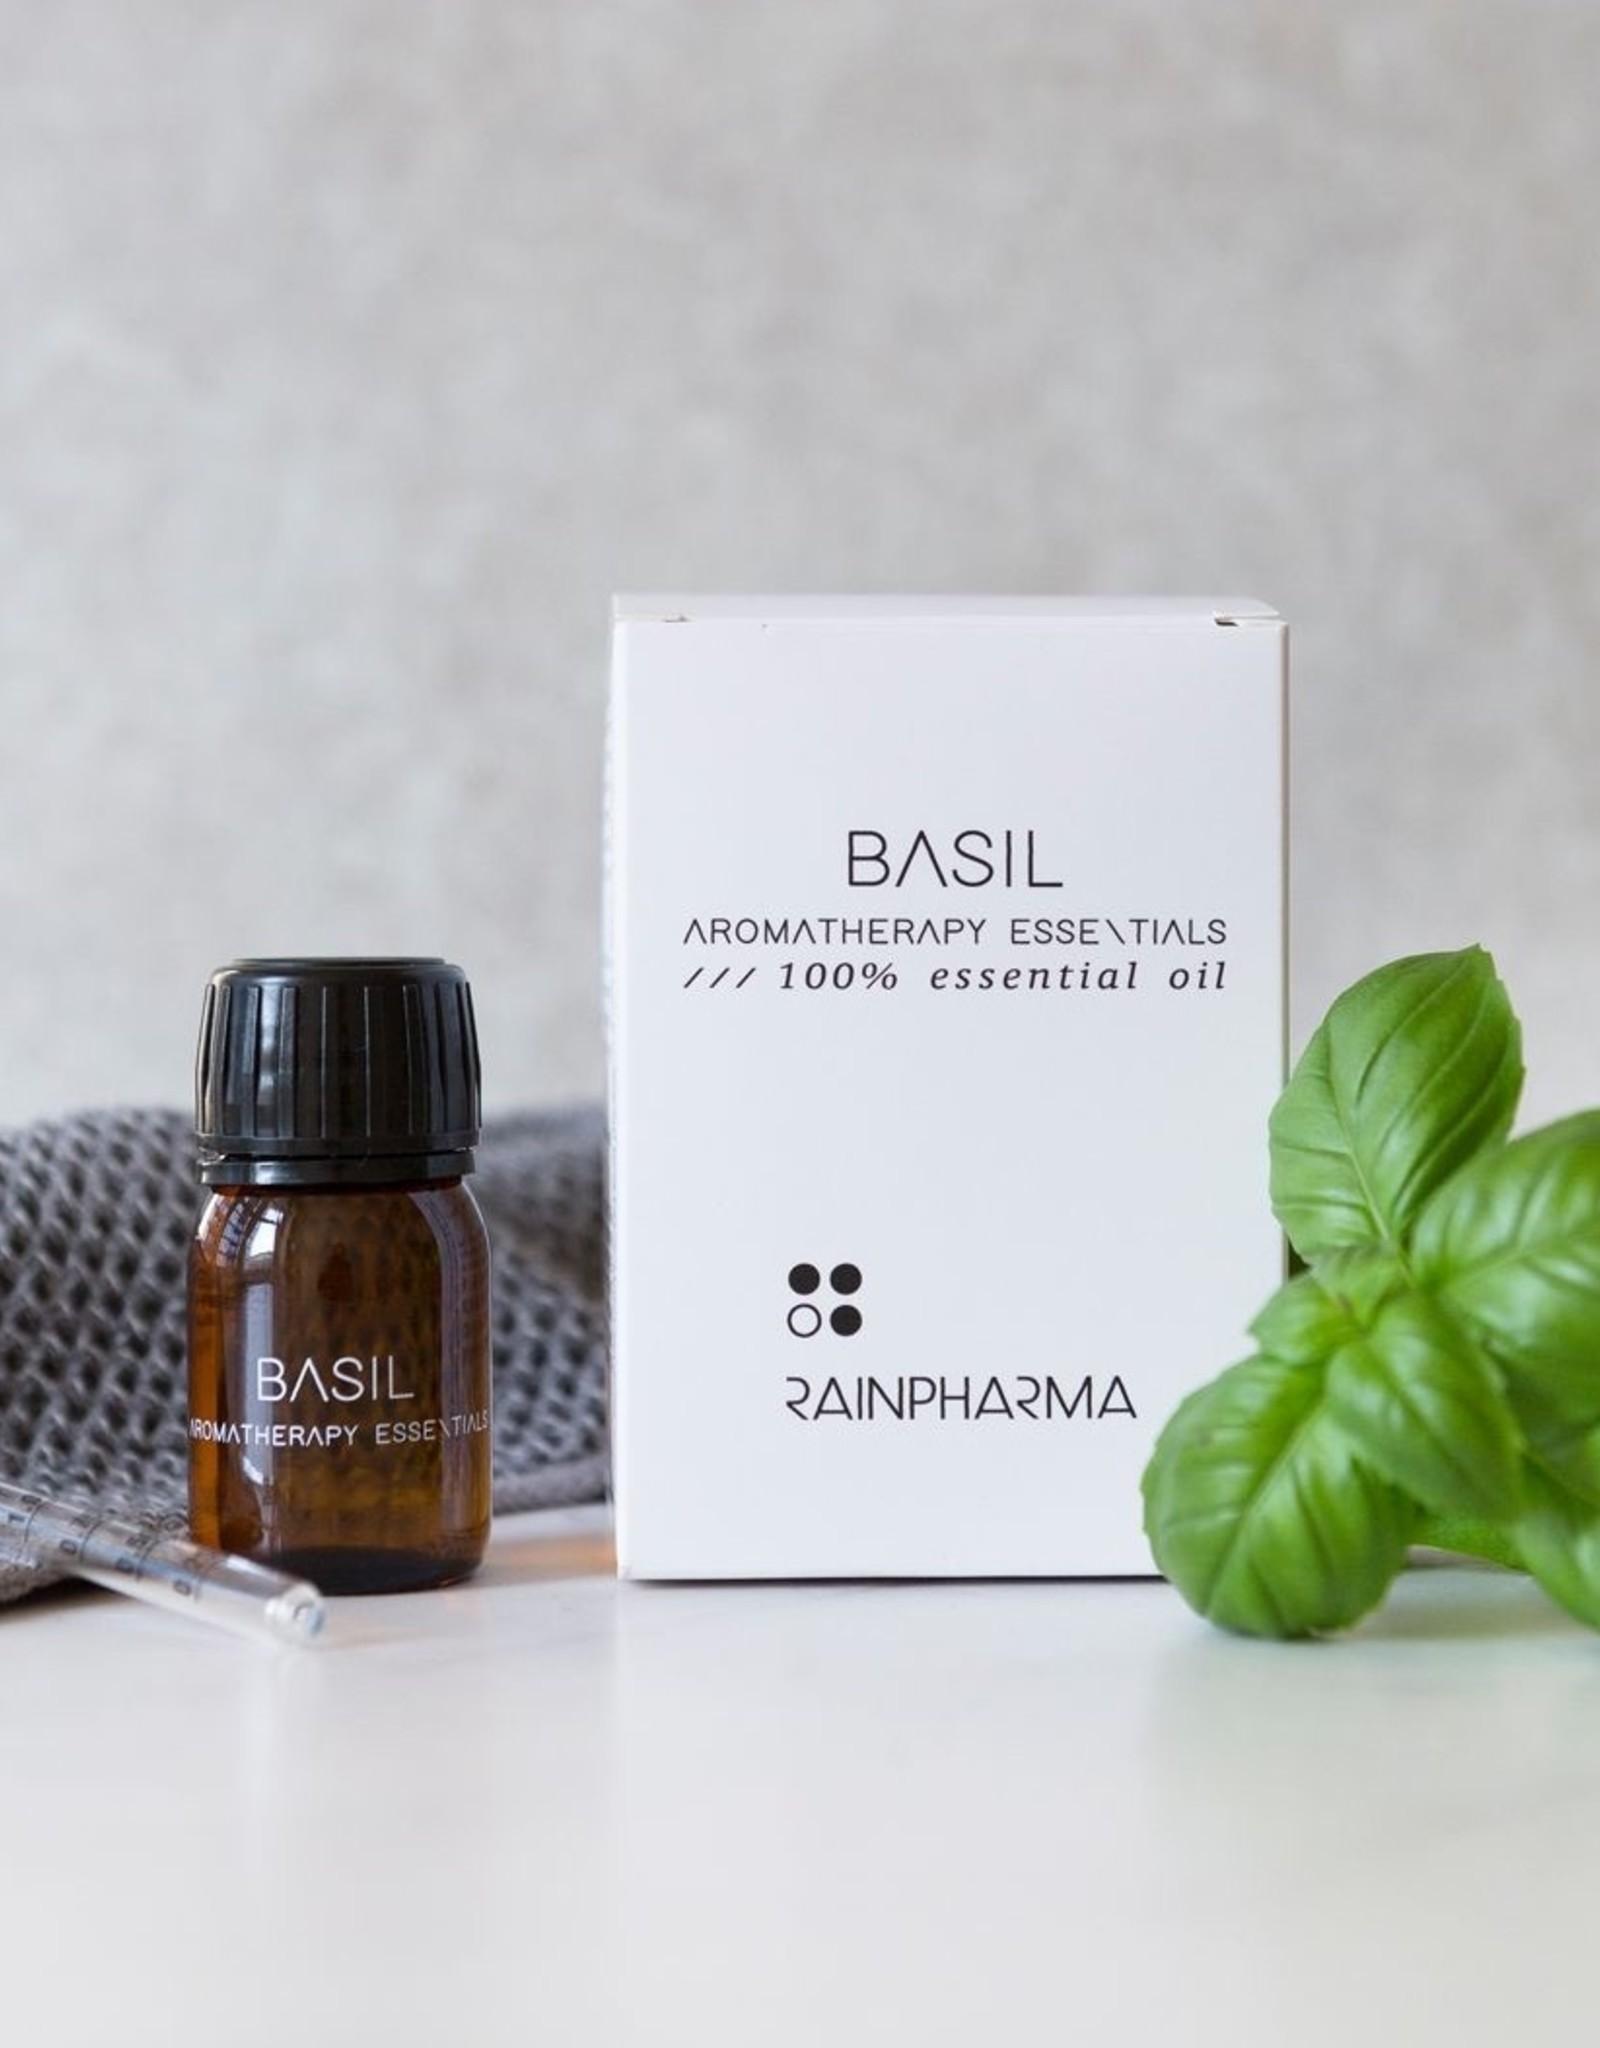 RainPharma Essential Oil Basil 30ml - Rainpharma